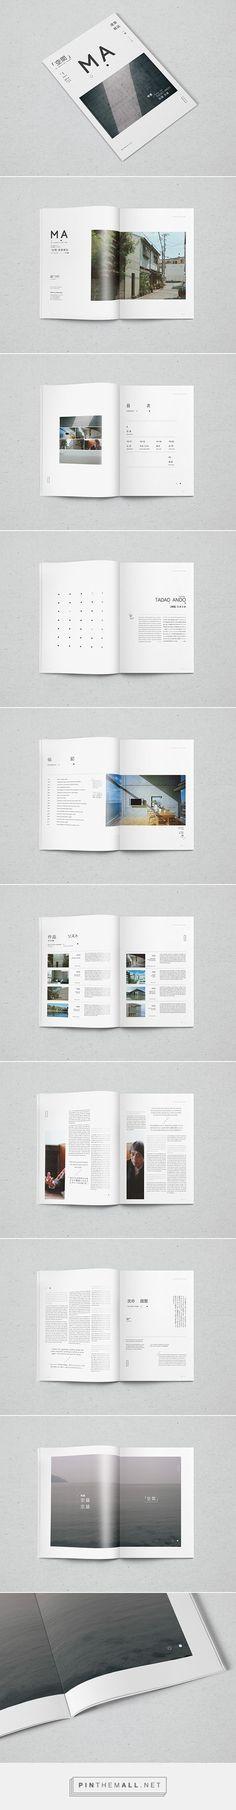 Get your book layout design within 24 hou #architectureportfolio